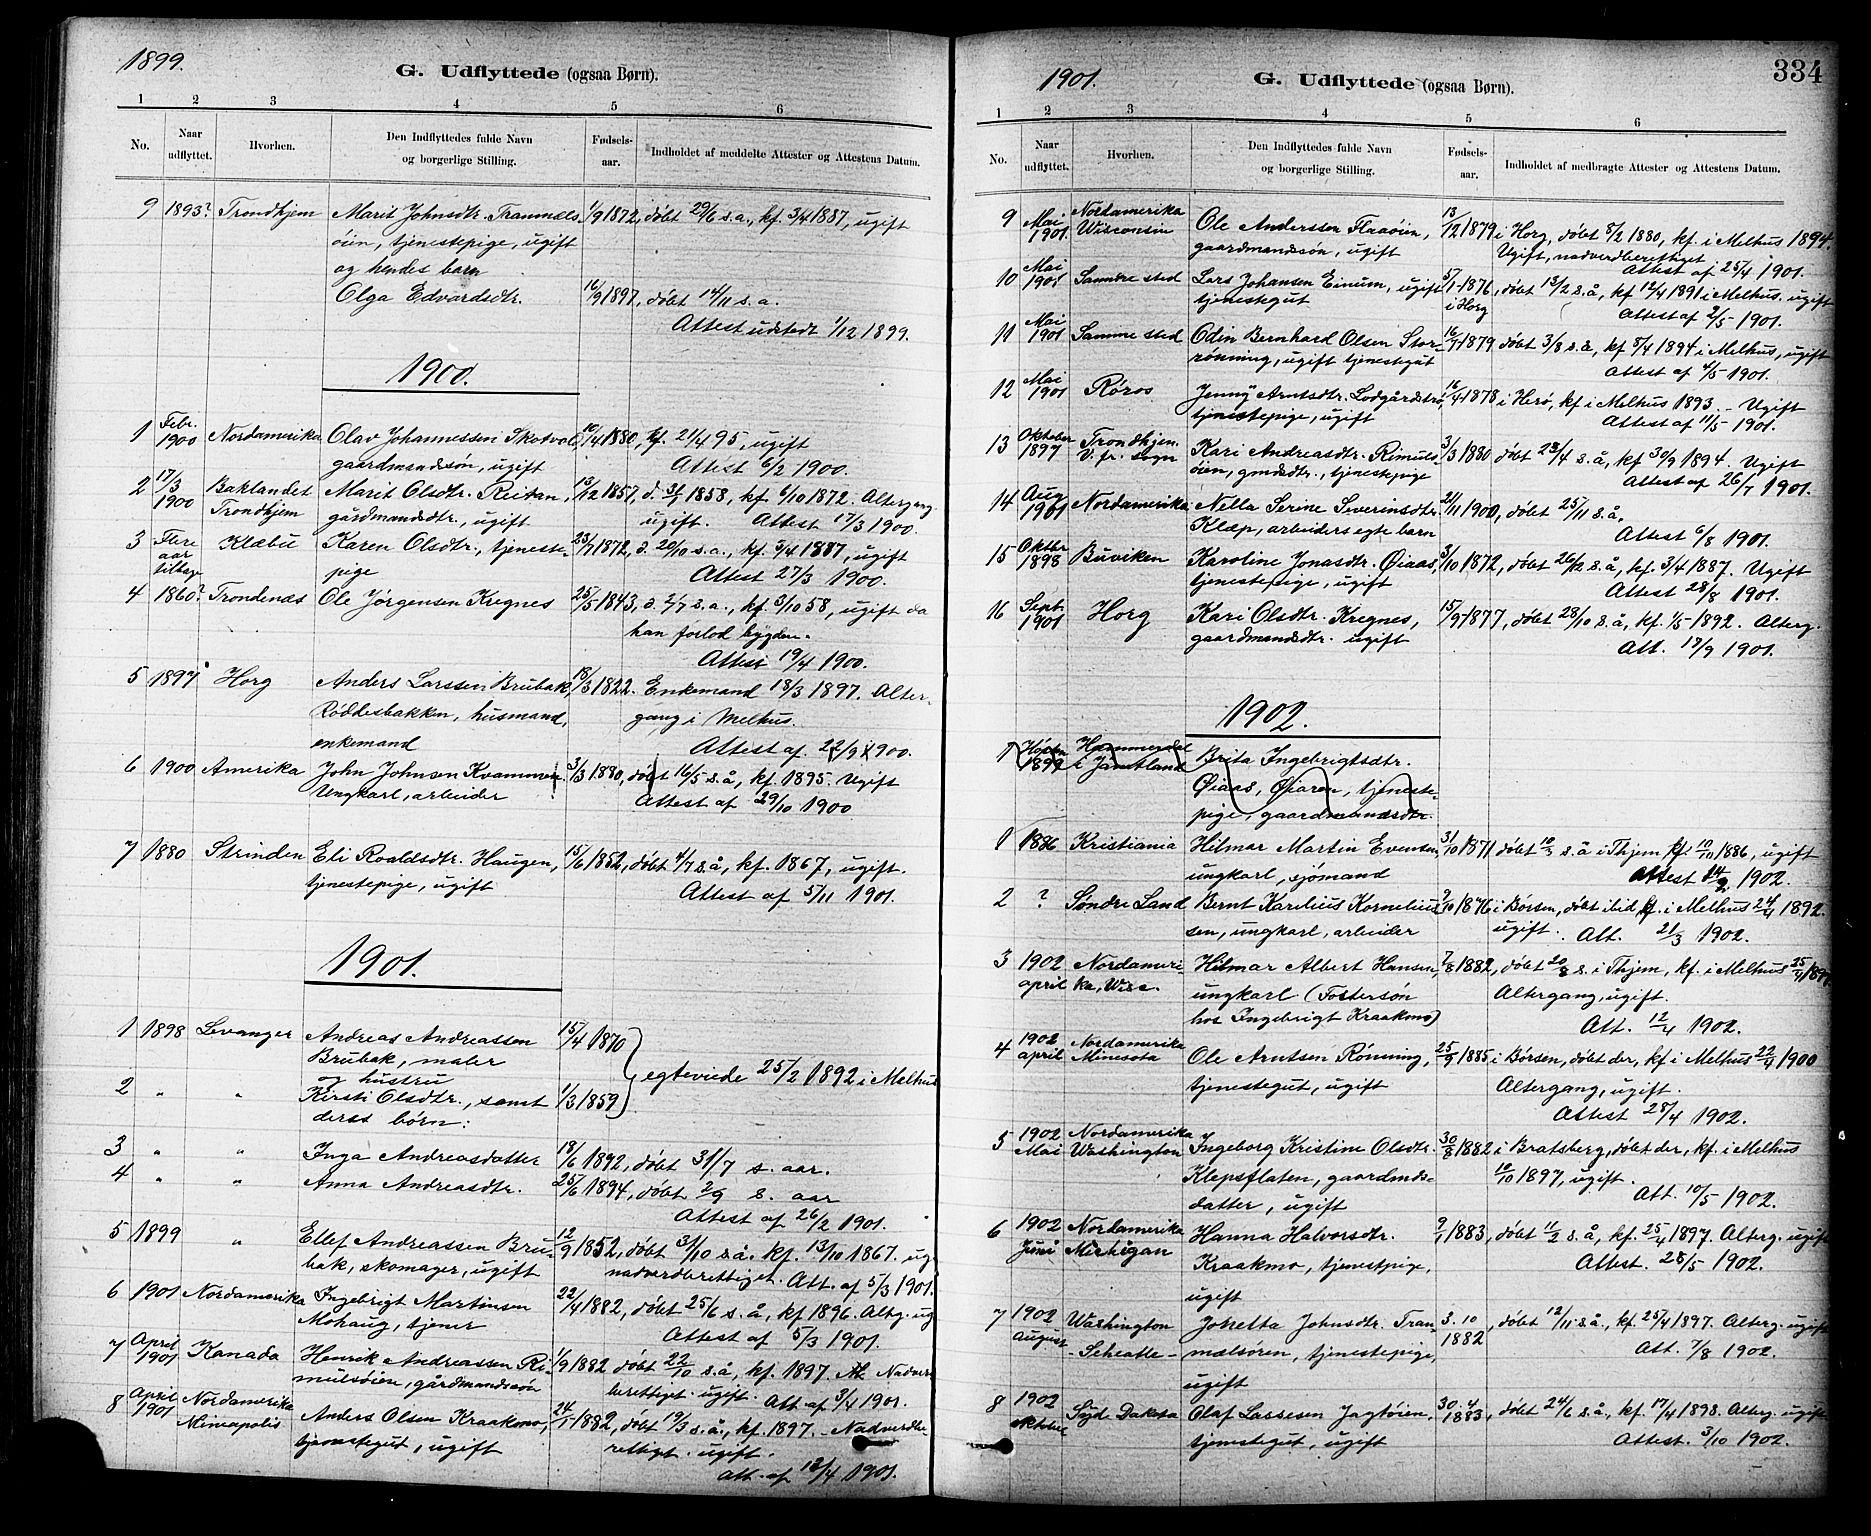 SAT, Ministerialprotokoller, klokkerbøker og fødselsregistre - Sør-Trøndelag, 691/L1094: Klokkerbok nr. 691C05, 1879-1911, s. 334